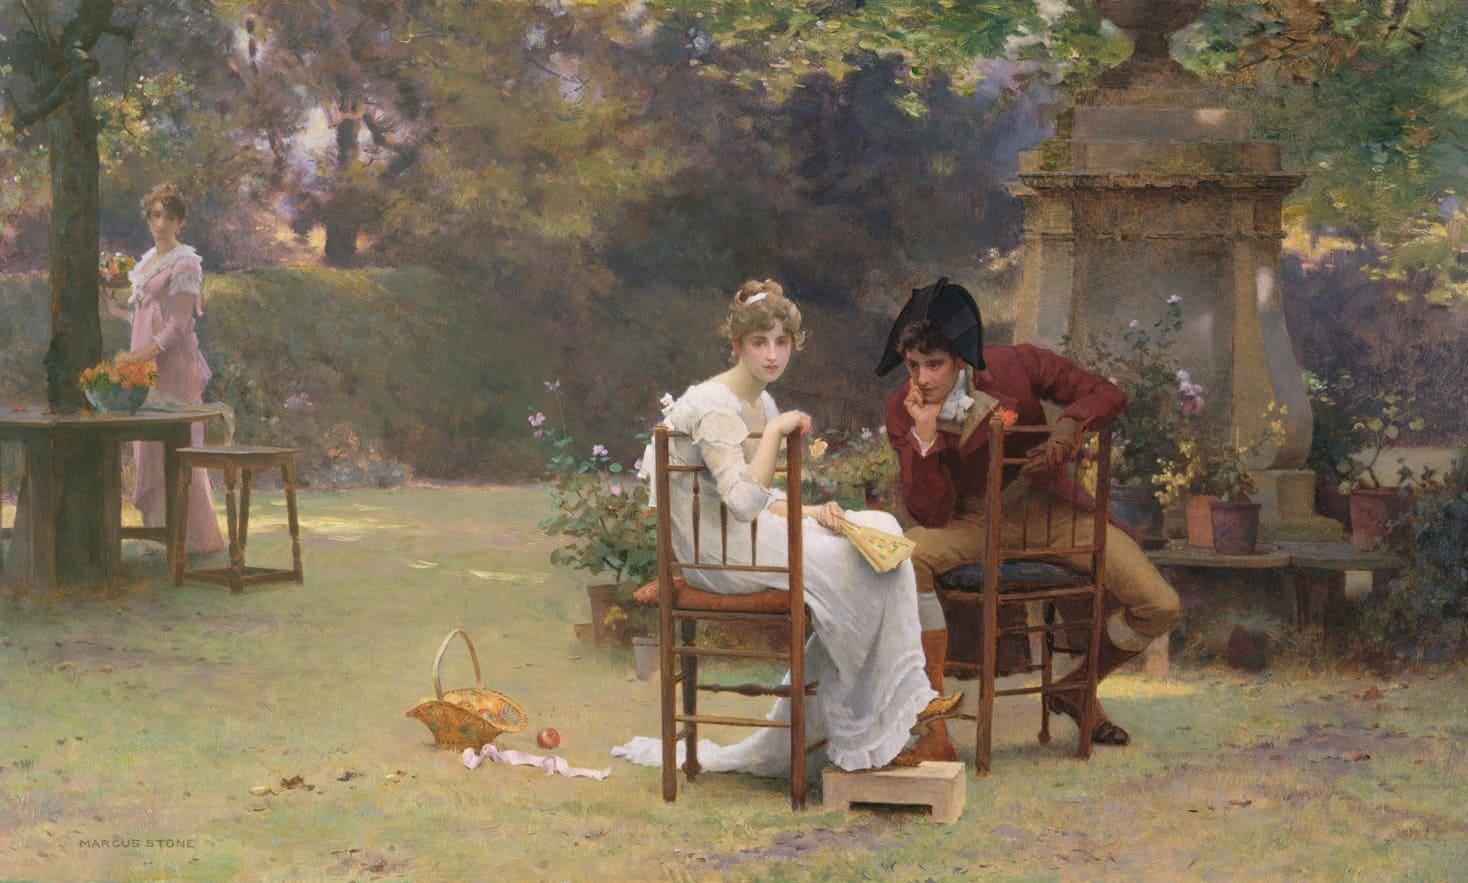 Художник Marcus Stone (1840 – 1921). Когда прошла пора цветения роз